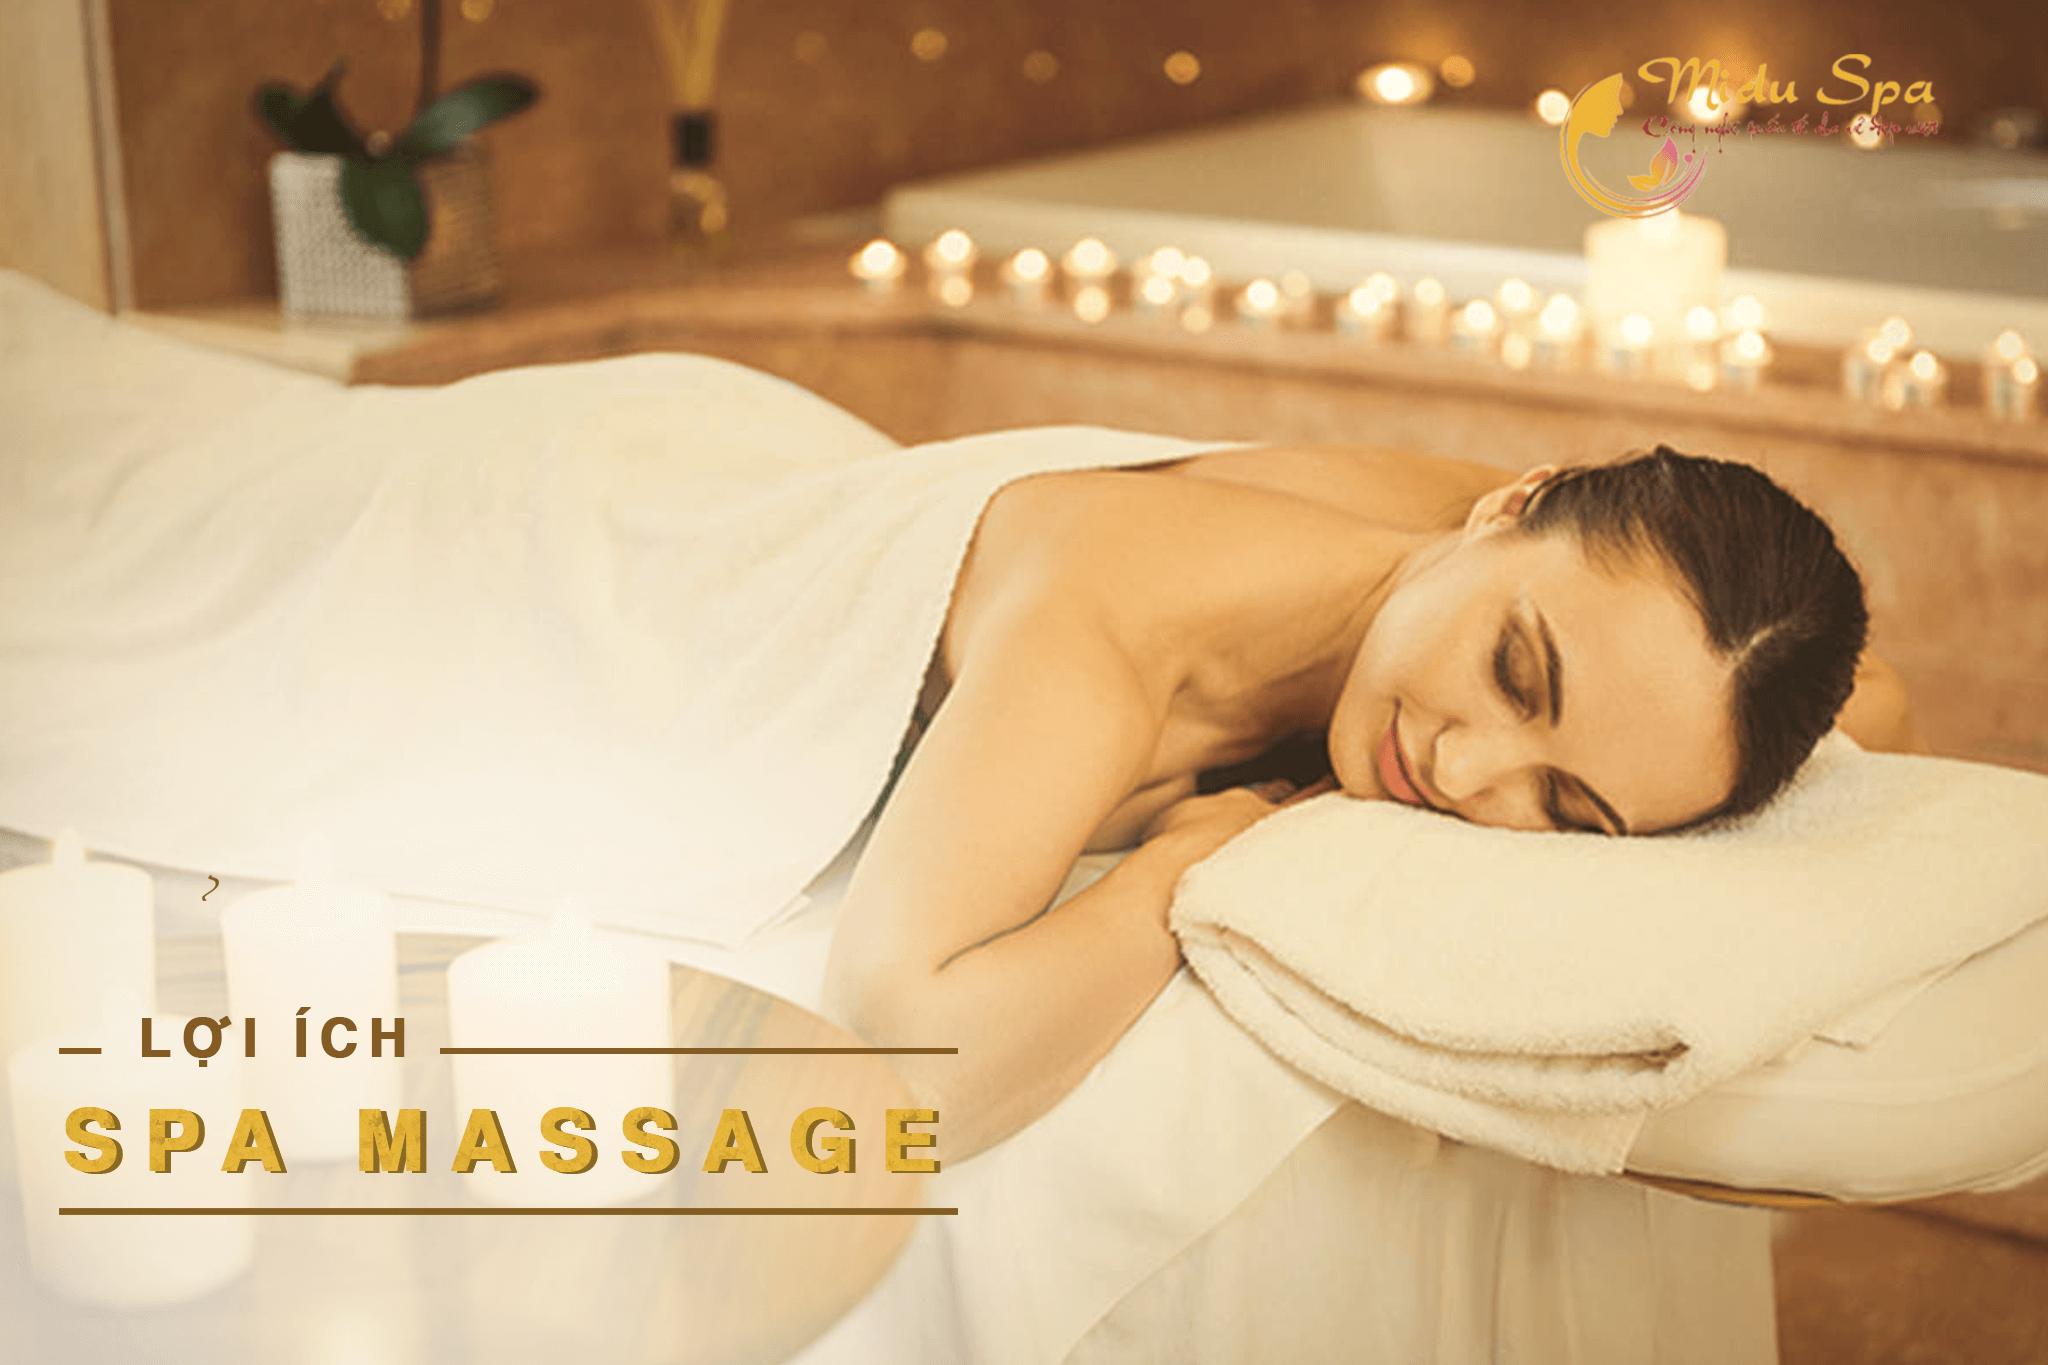 lợi ích spa massage